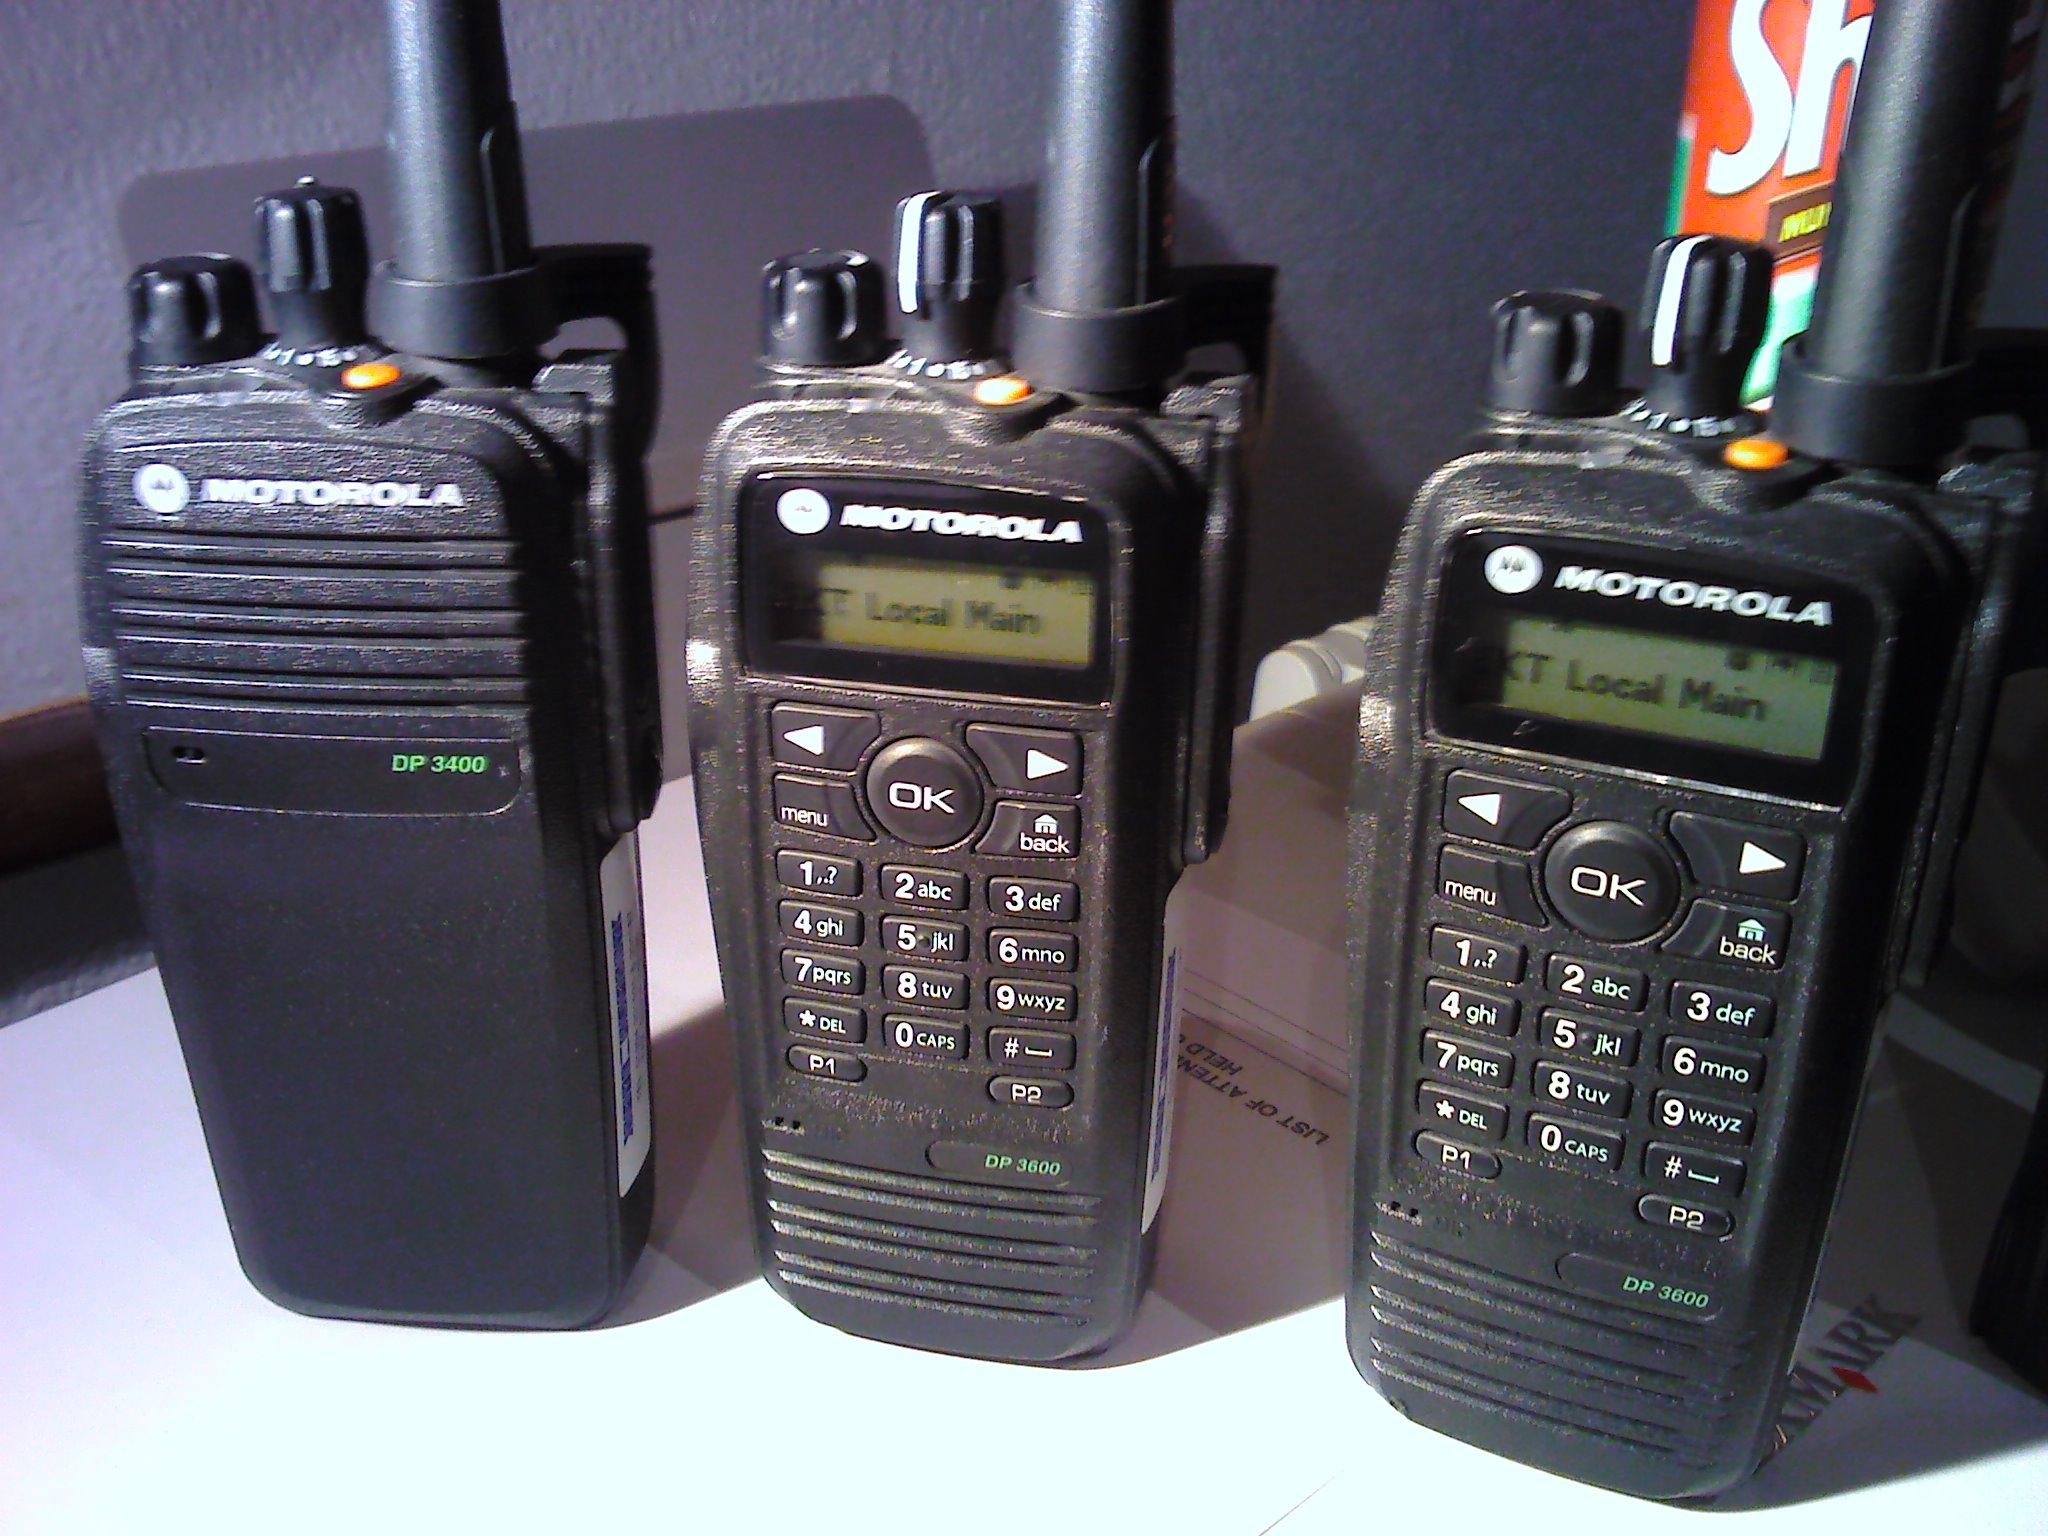 Motorola gm950 programming software